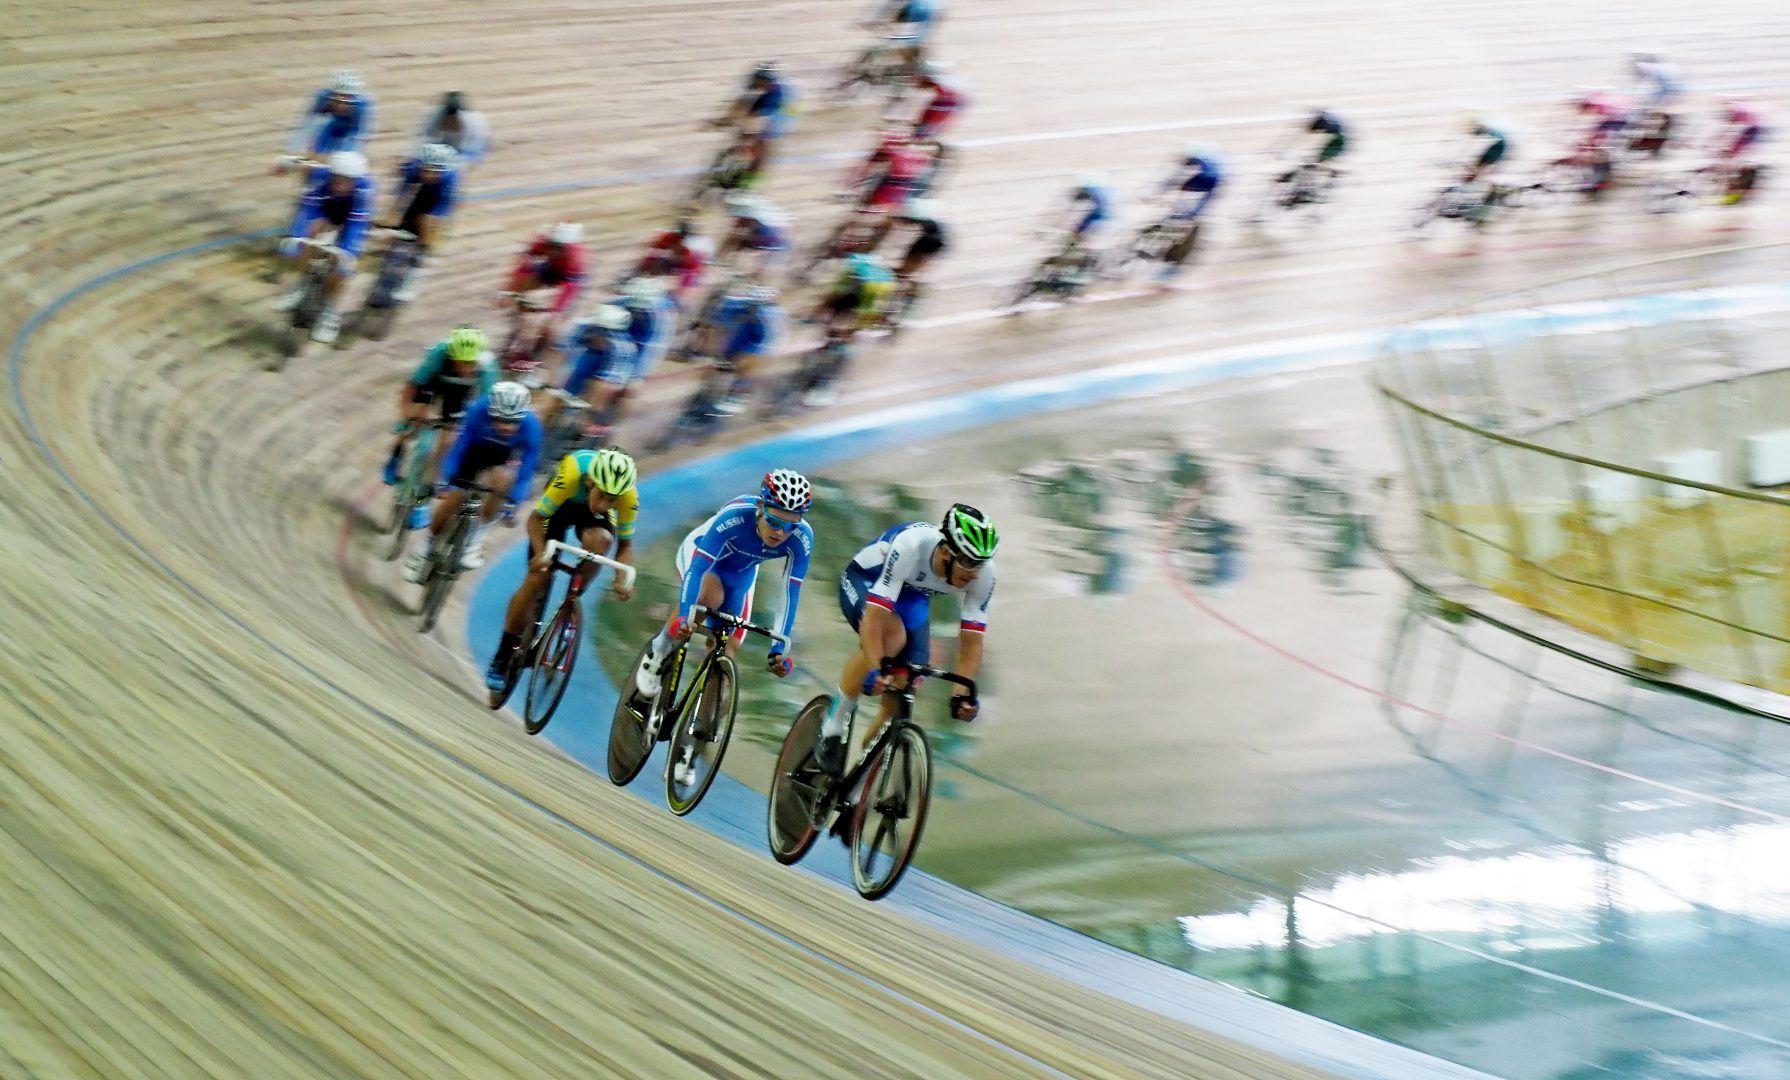 Спортсмены из Краснопахорского выступят на соревнованиях по велоспорту в Латвии. Фото: Антон Гердо, «Вечерняя Москва»